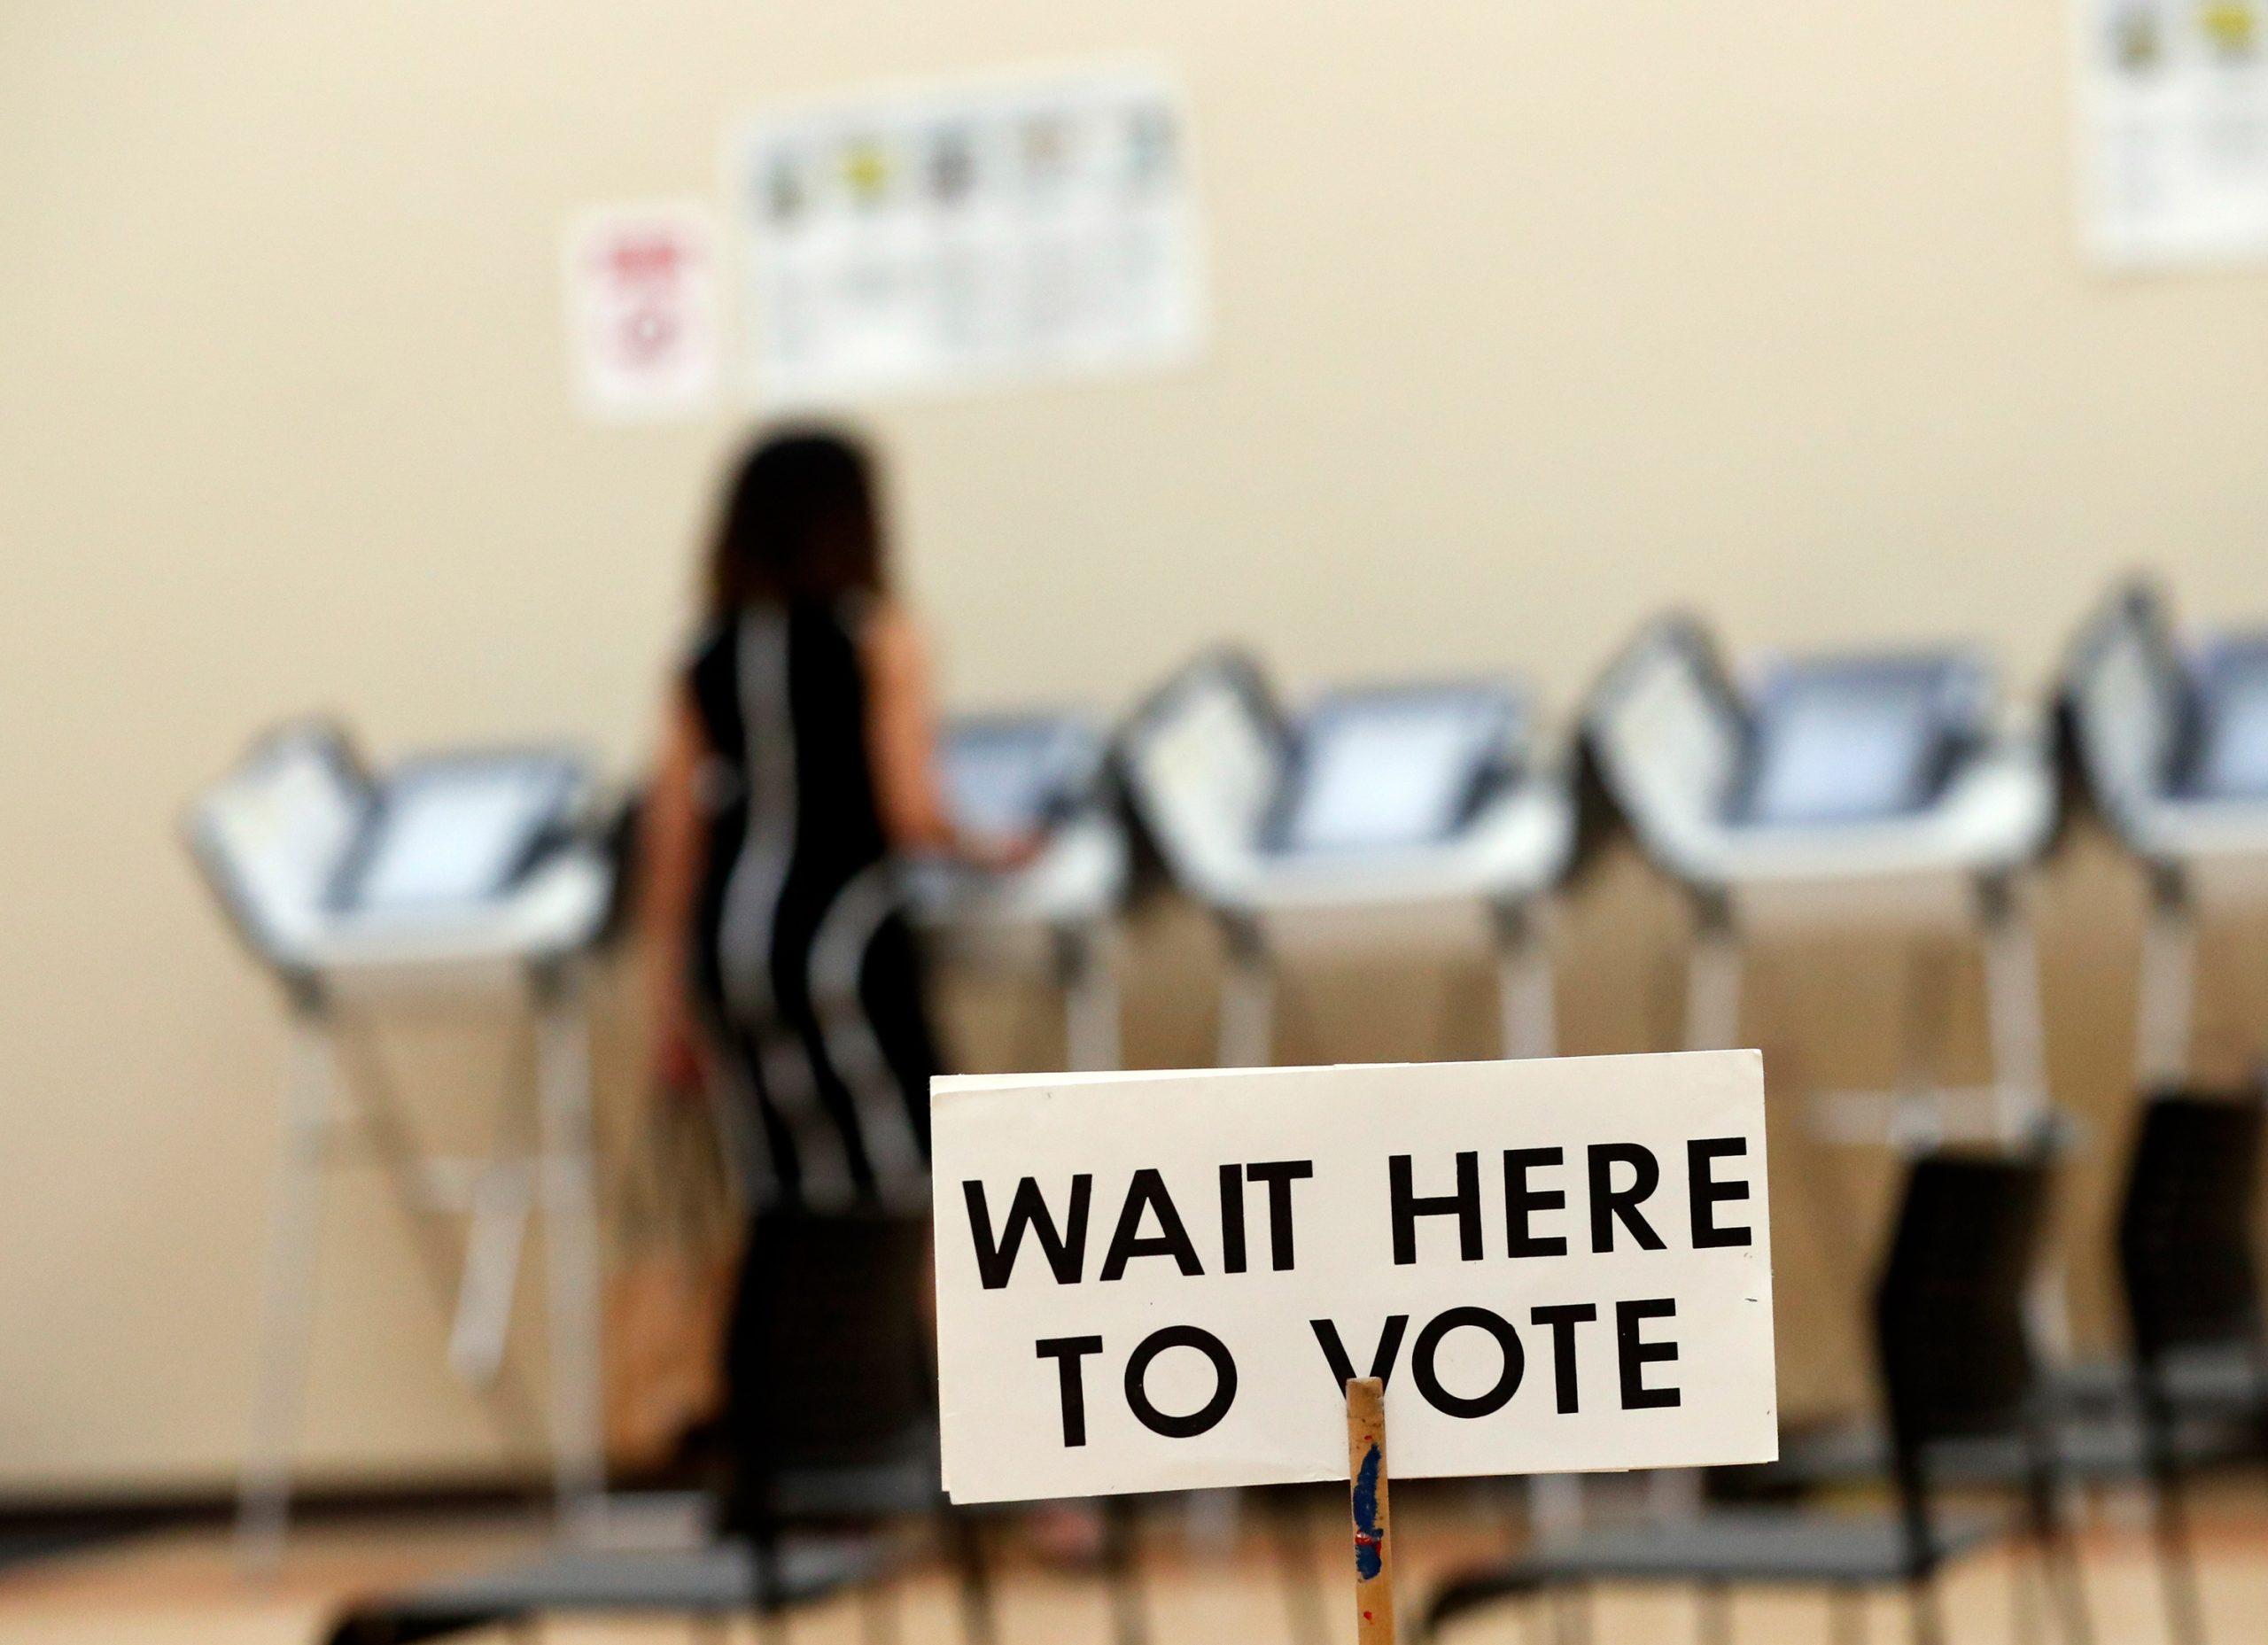 選挙結果の遅れは「正常」なプロセス、米セキュリティ高官